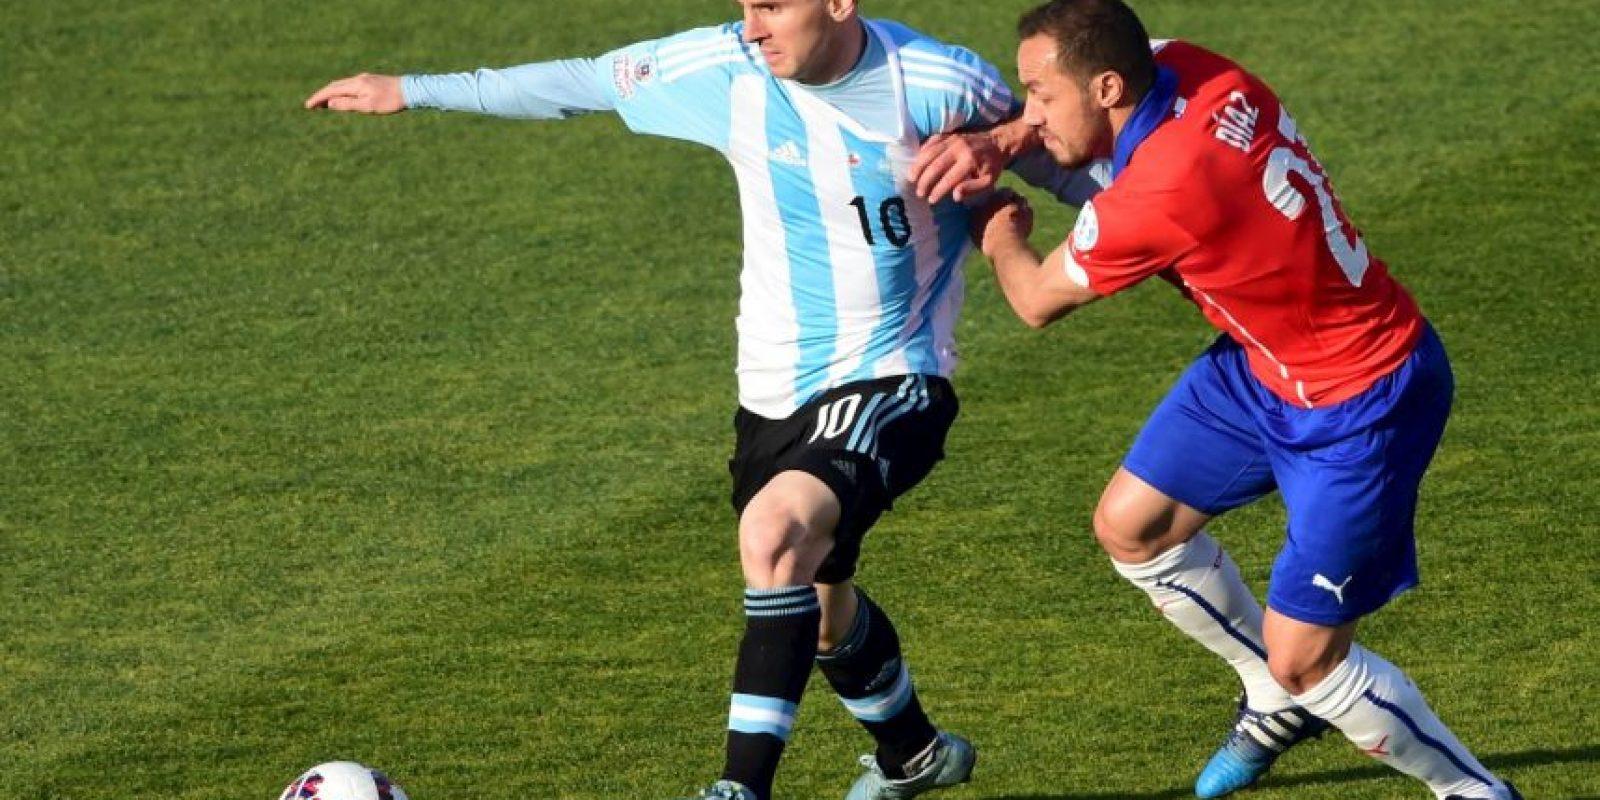 """Lionel Messi sufrió la dura marca de los chilenos. Marcelo Díaz se ganó amarilla por jarlarle la camiseta a """"Leo"""" Foto:AFP"""